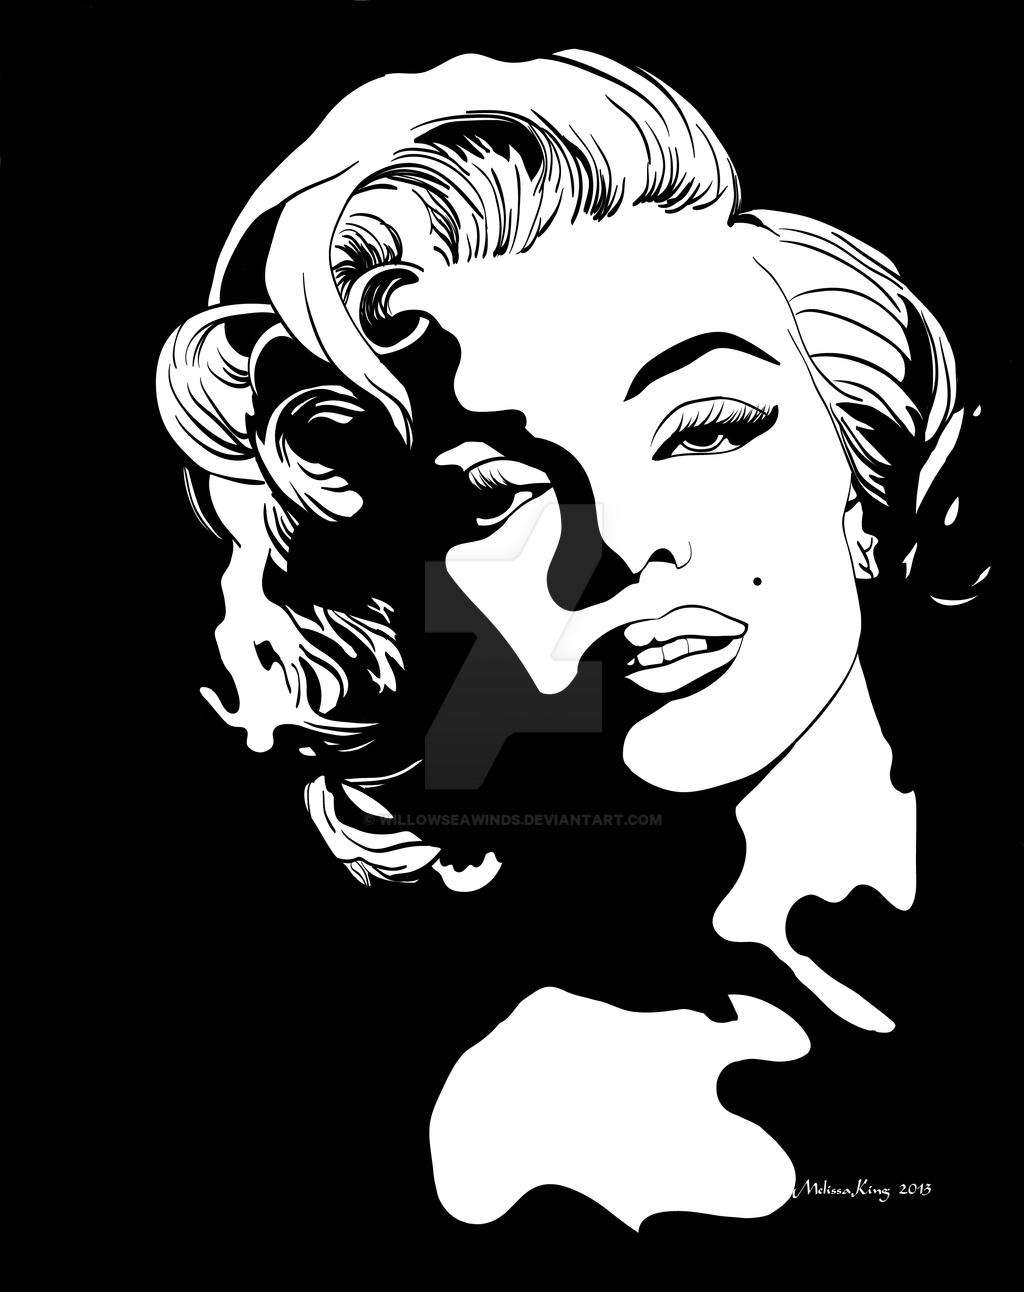 MarilynMonroe-01 by WillowSeawinds on DeviantArt